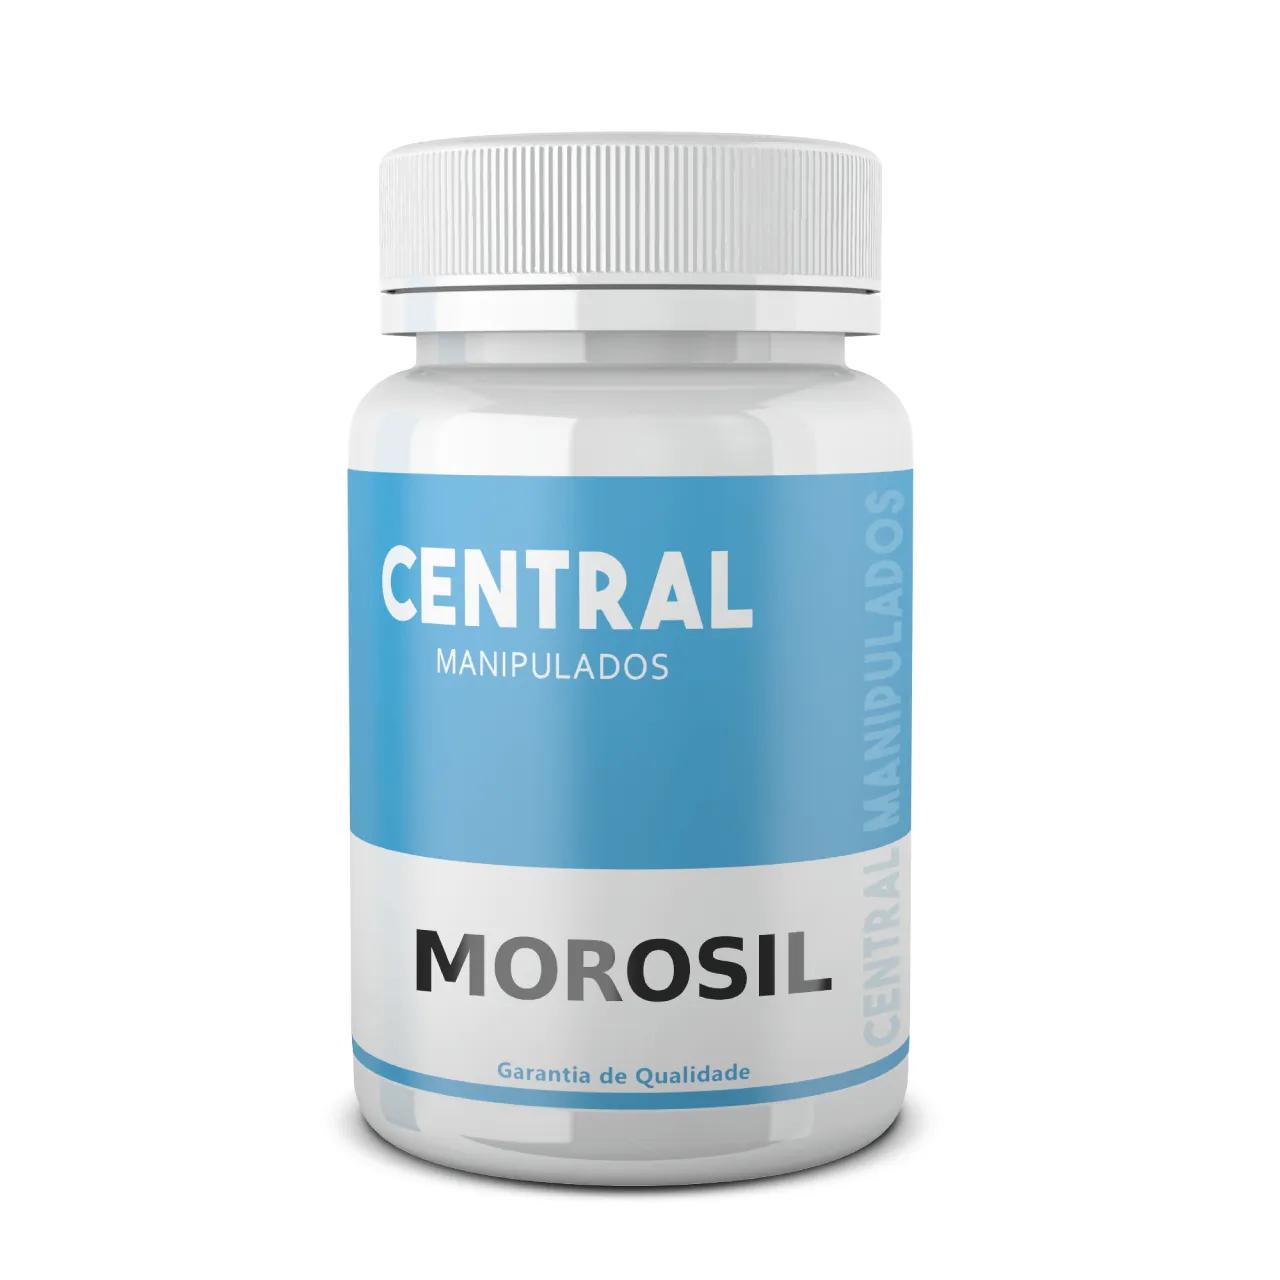 Morosil (ORIGINAL GALENA) 500mg - 90 cápsulas - Emagrecimento e redução de medidas no abdômen